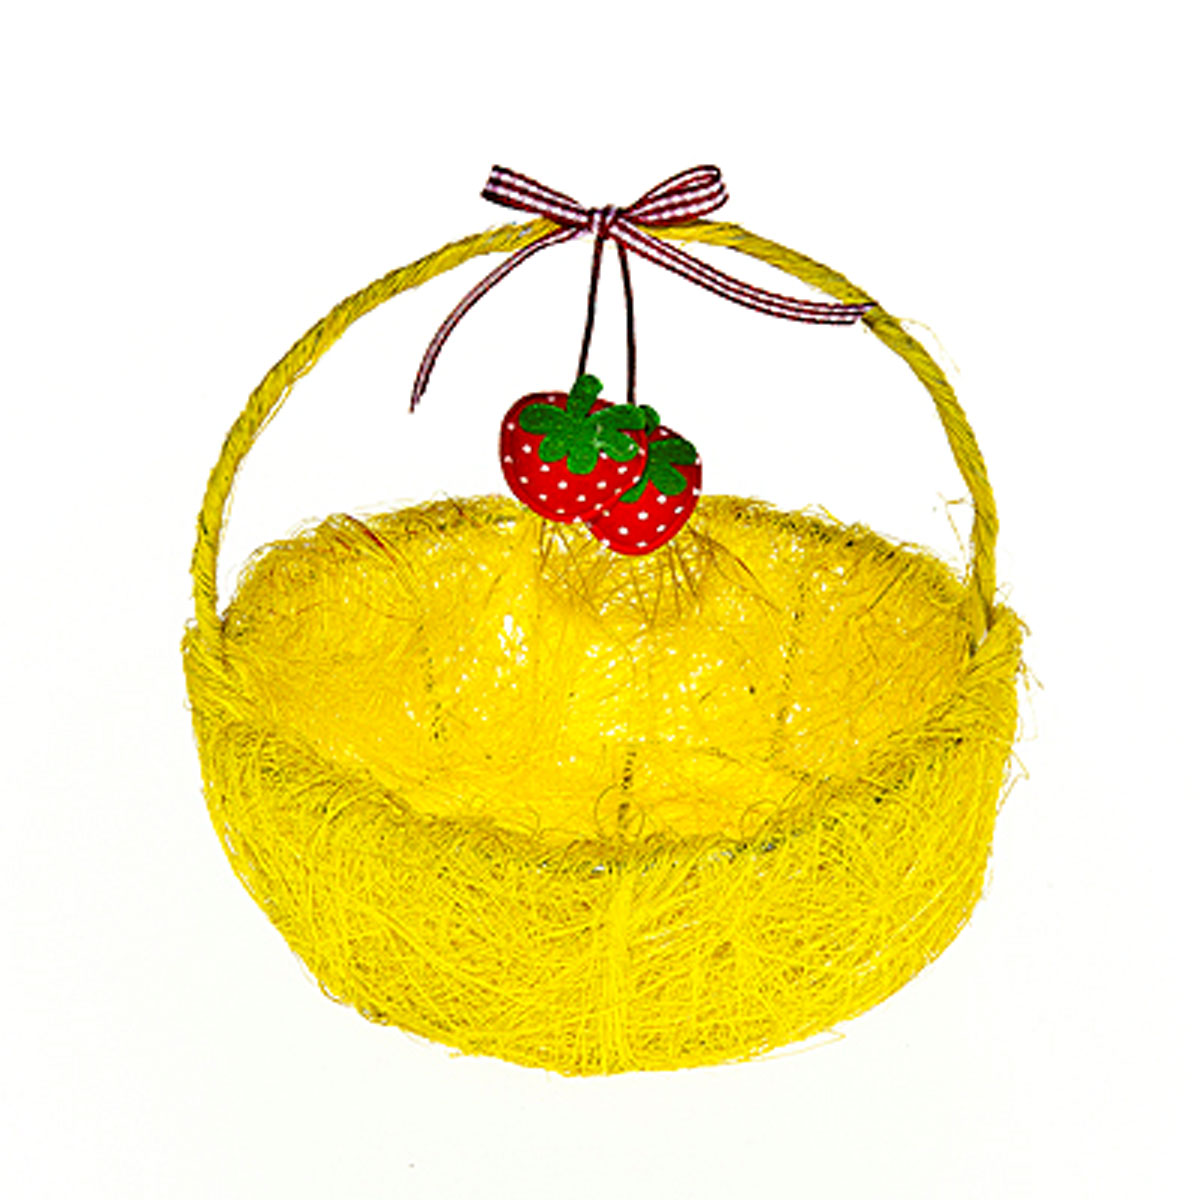 Корзина декоративная Home Queen Ягоды, цвет: желтый, 14 см х 13 см х 5 смSS 4041Декоративная корзина Home Queen Ягоды предназначена для хранения различных мелочей и аксессуаров. Изделие имеет металлический каркас, обтянутый нитями из полиэстера. Корзина оснащена удобной ручкой и декорирована подвесным украшением в виде текстильных ягод с бантиком.Такая корзина станет оригинальным и необычным подарком или украшением интерьера. Размер корзины: 14 см х 13 см х 5 см.Диаметр дна: 10 см.Высота ручки: 10 см.